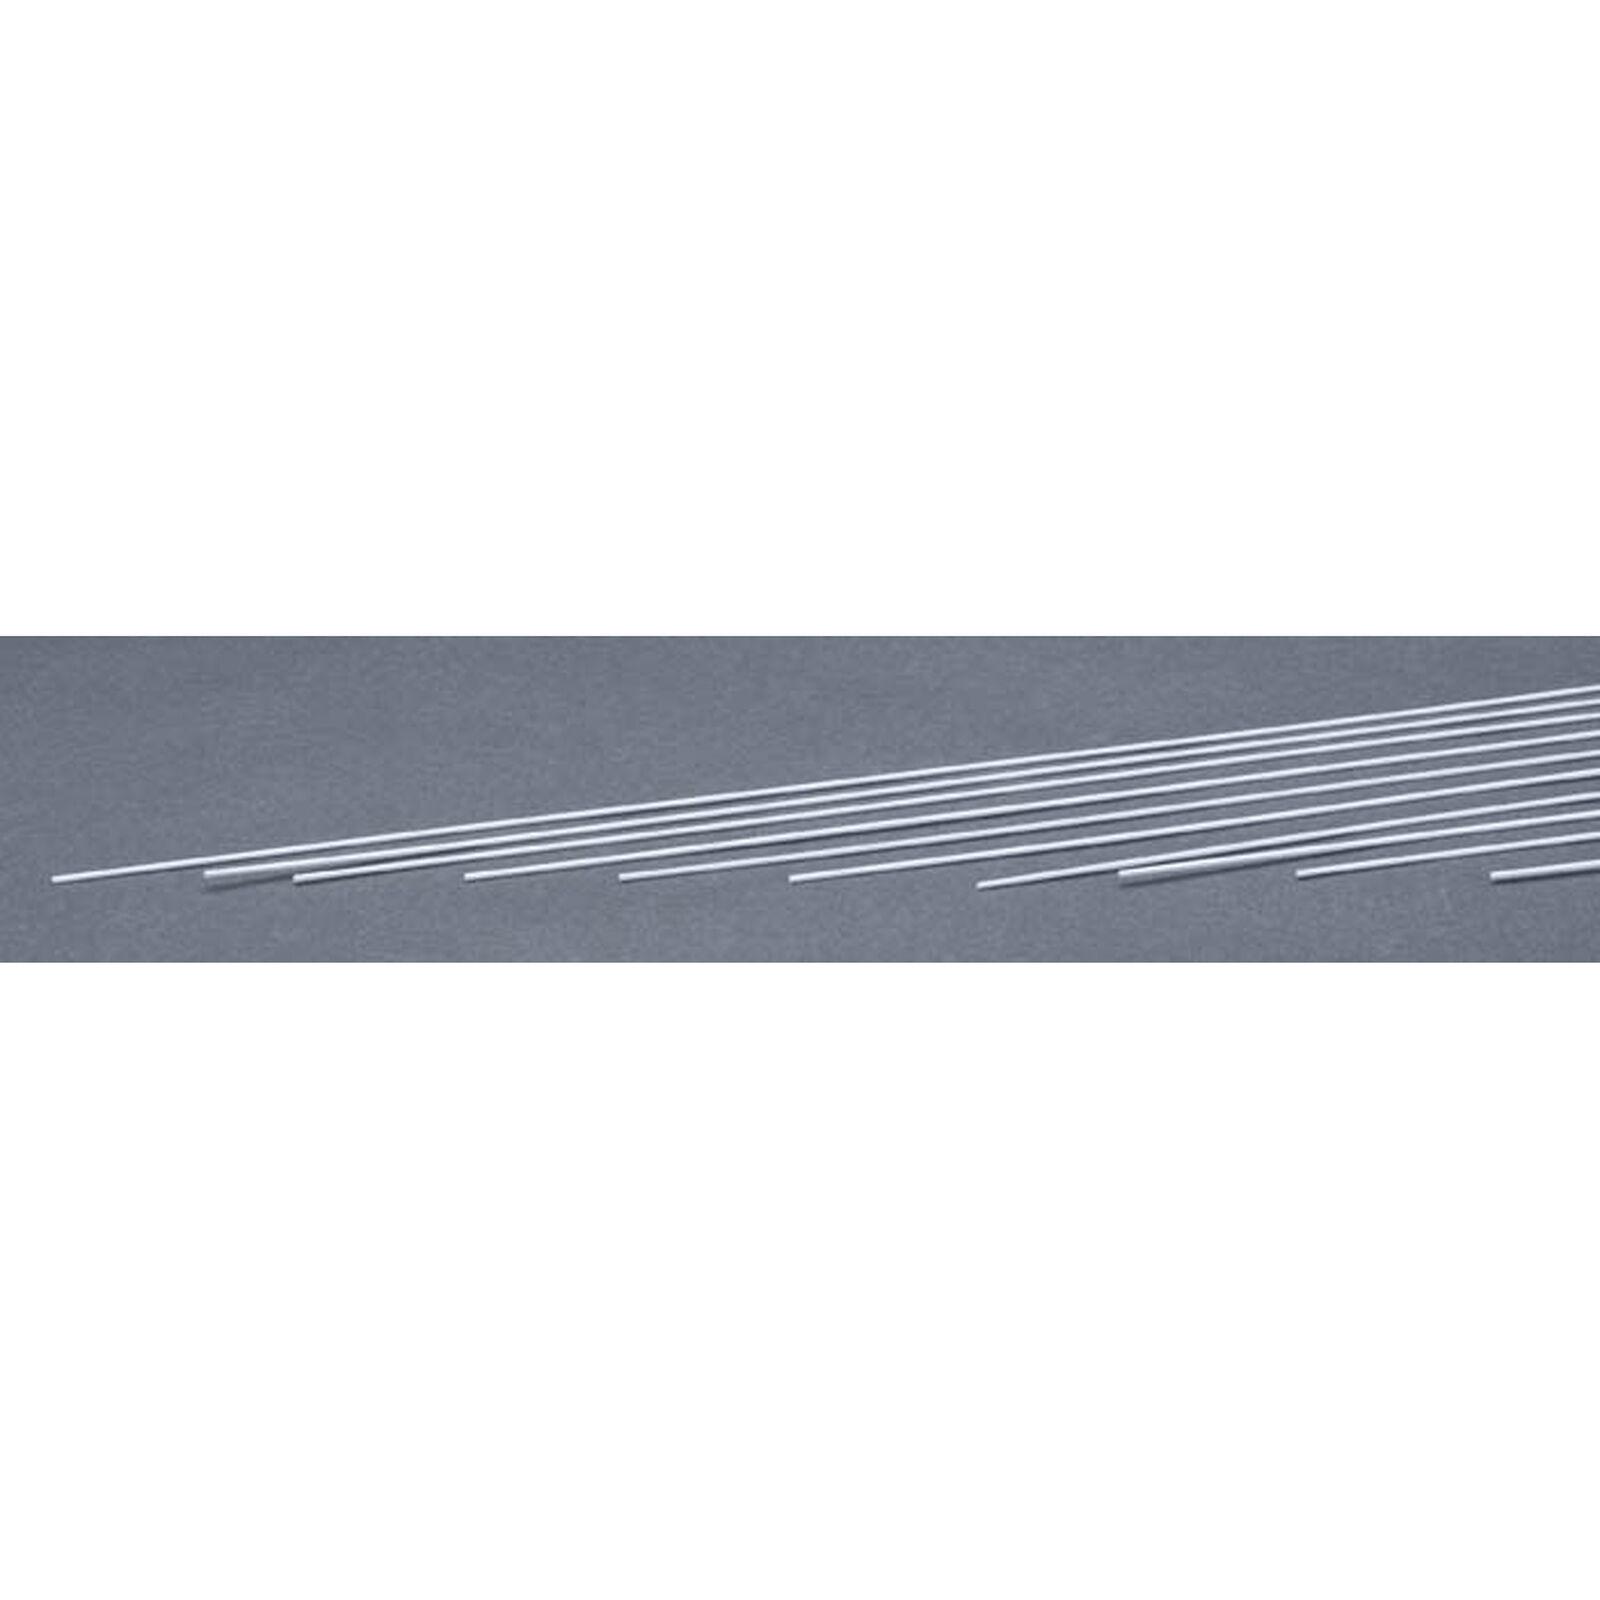 Strip .030 x .030 (10)